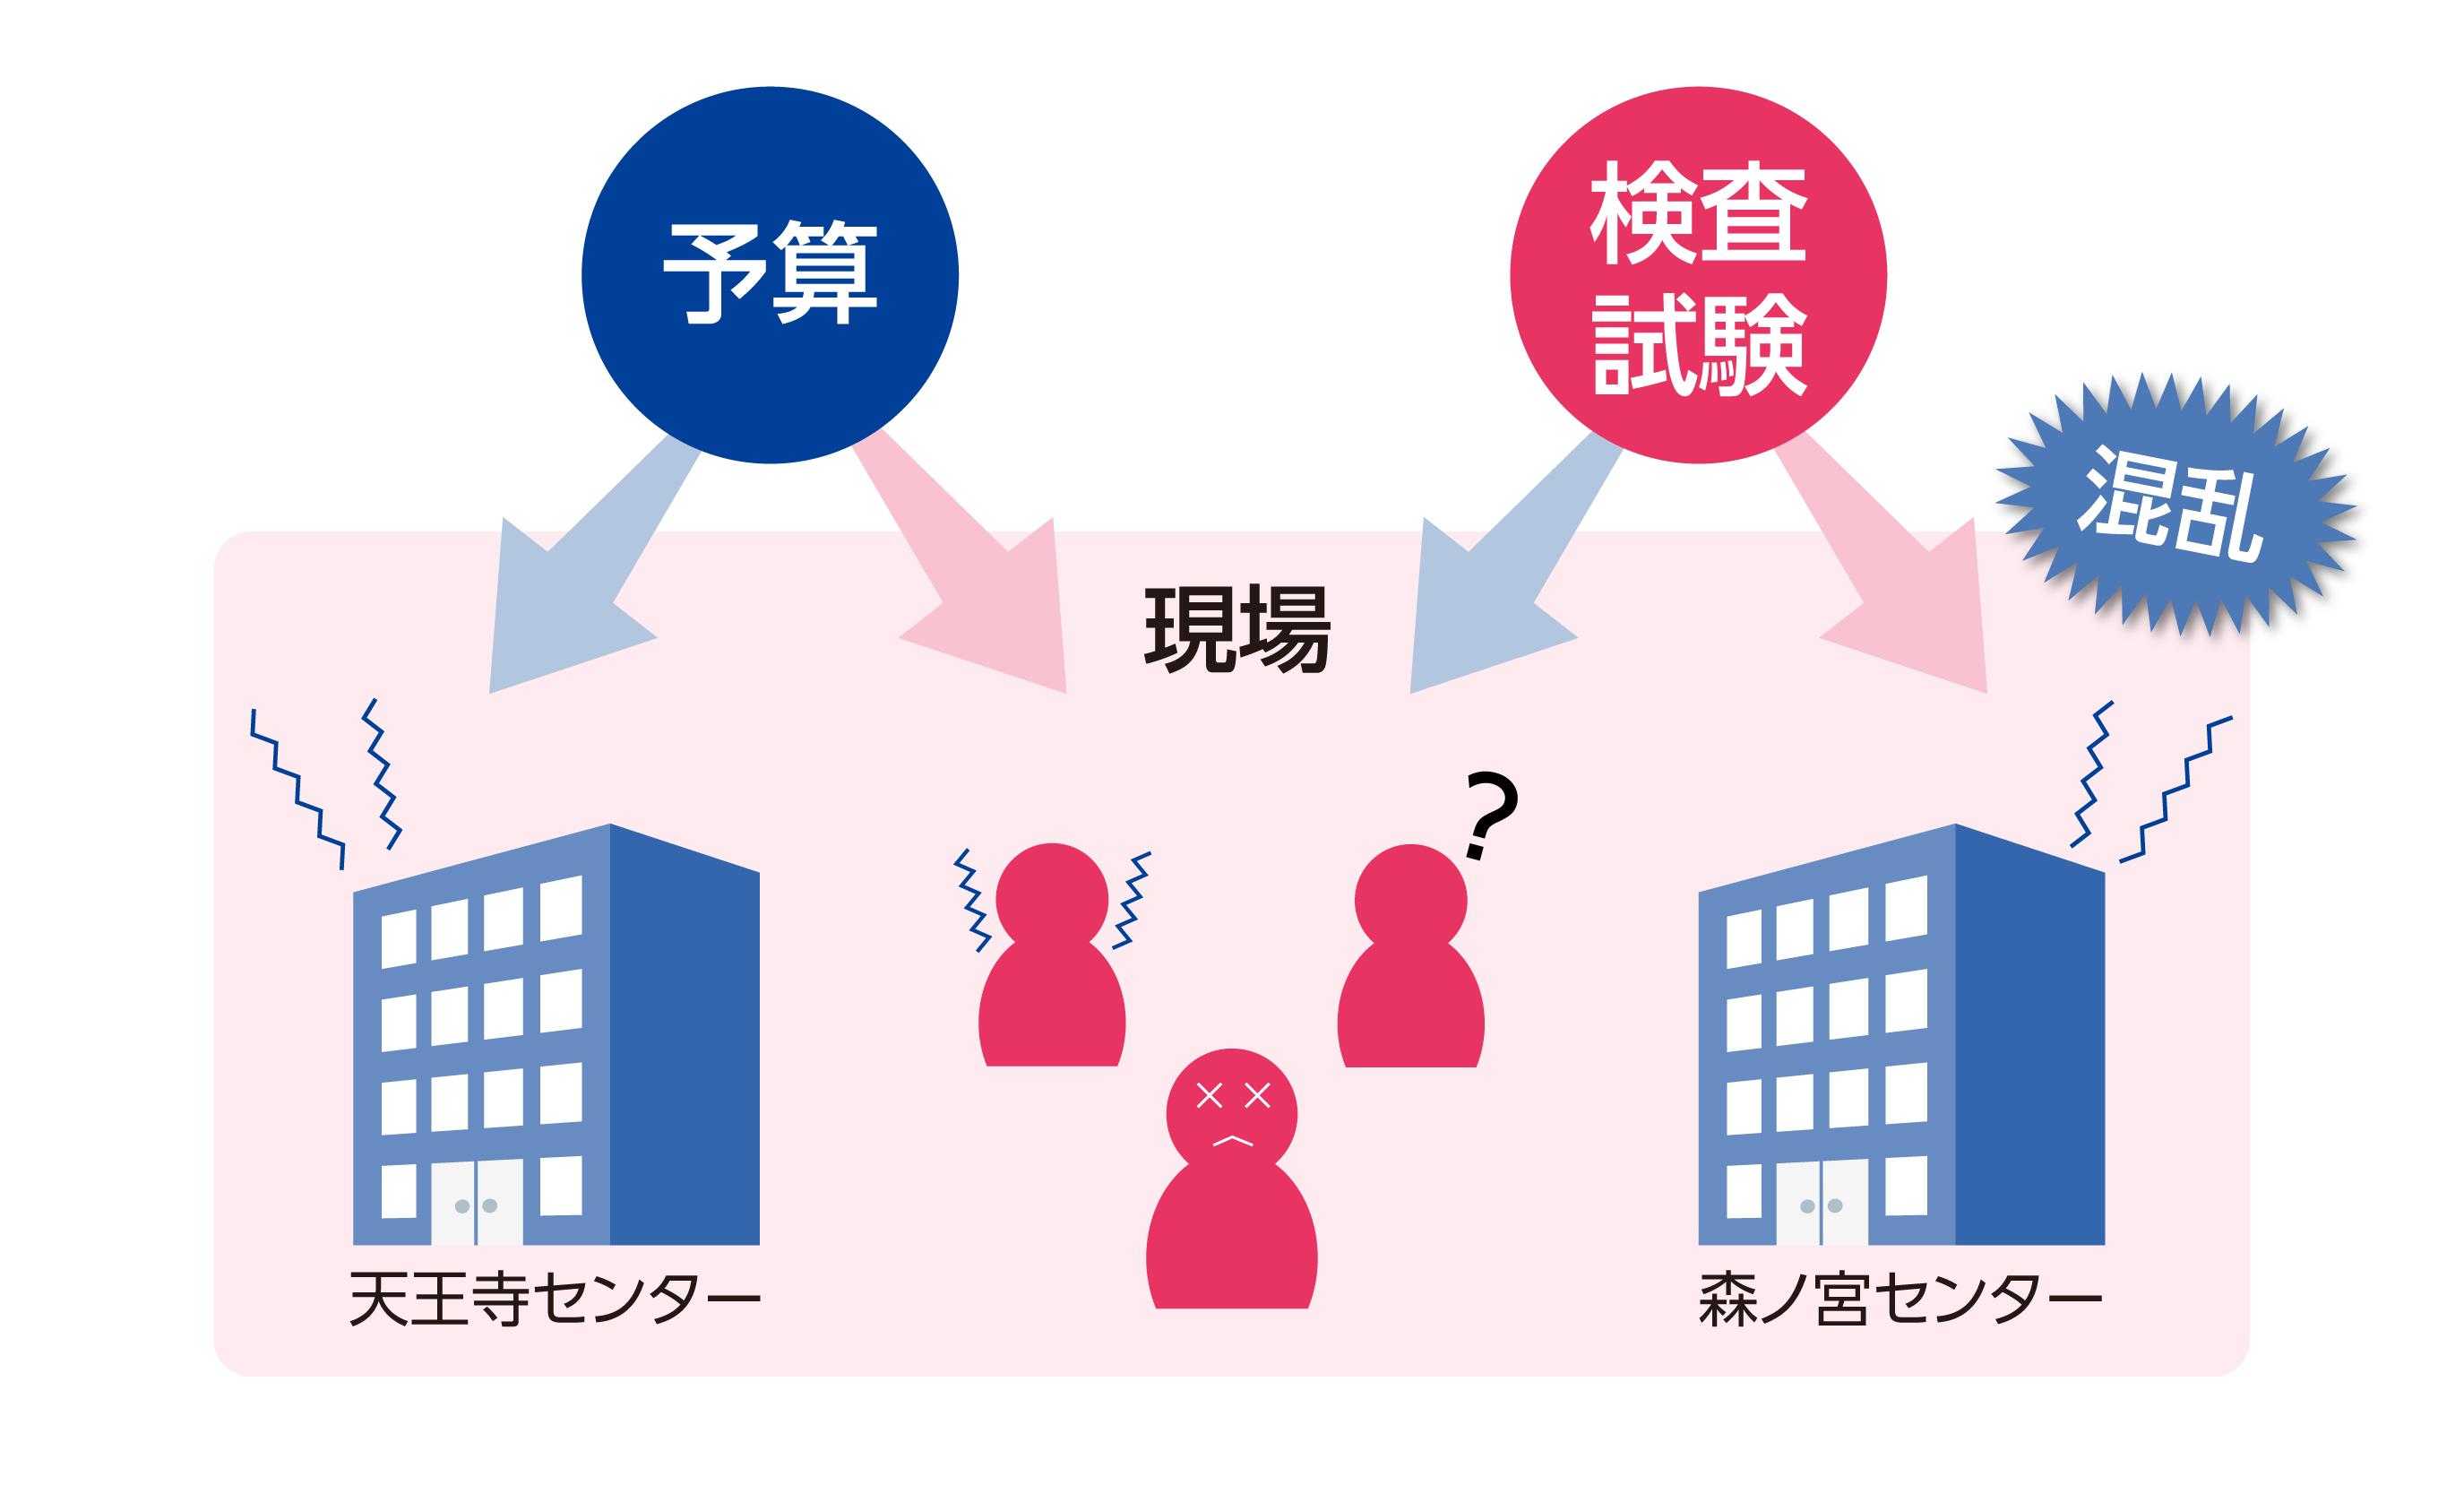 立憲民主党大阪府連「都構想」ポータル